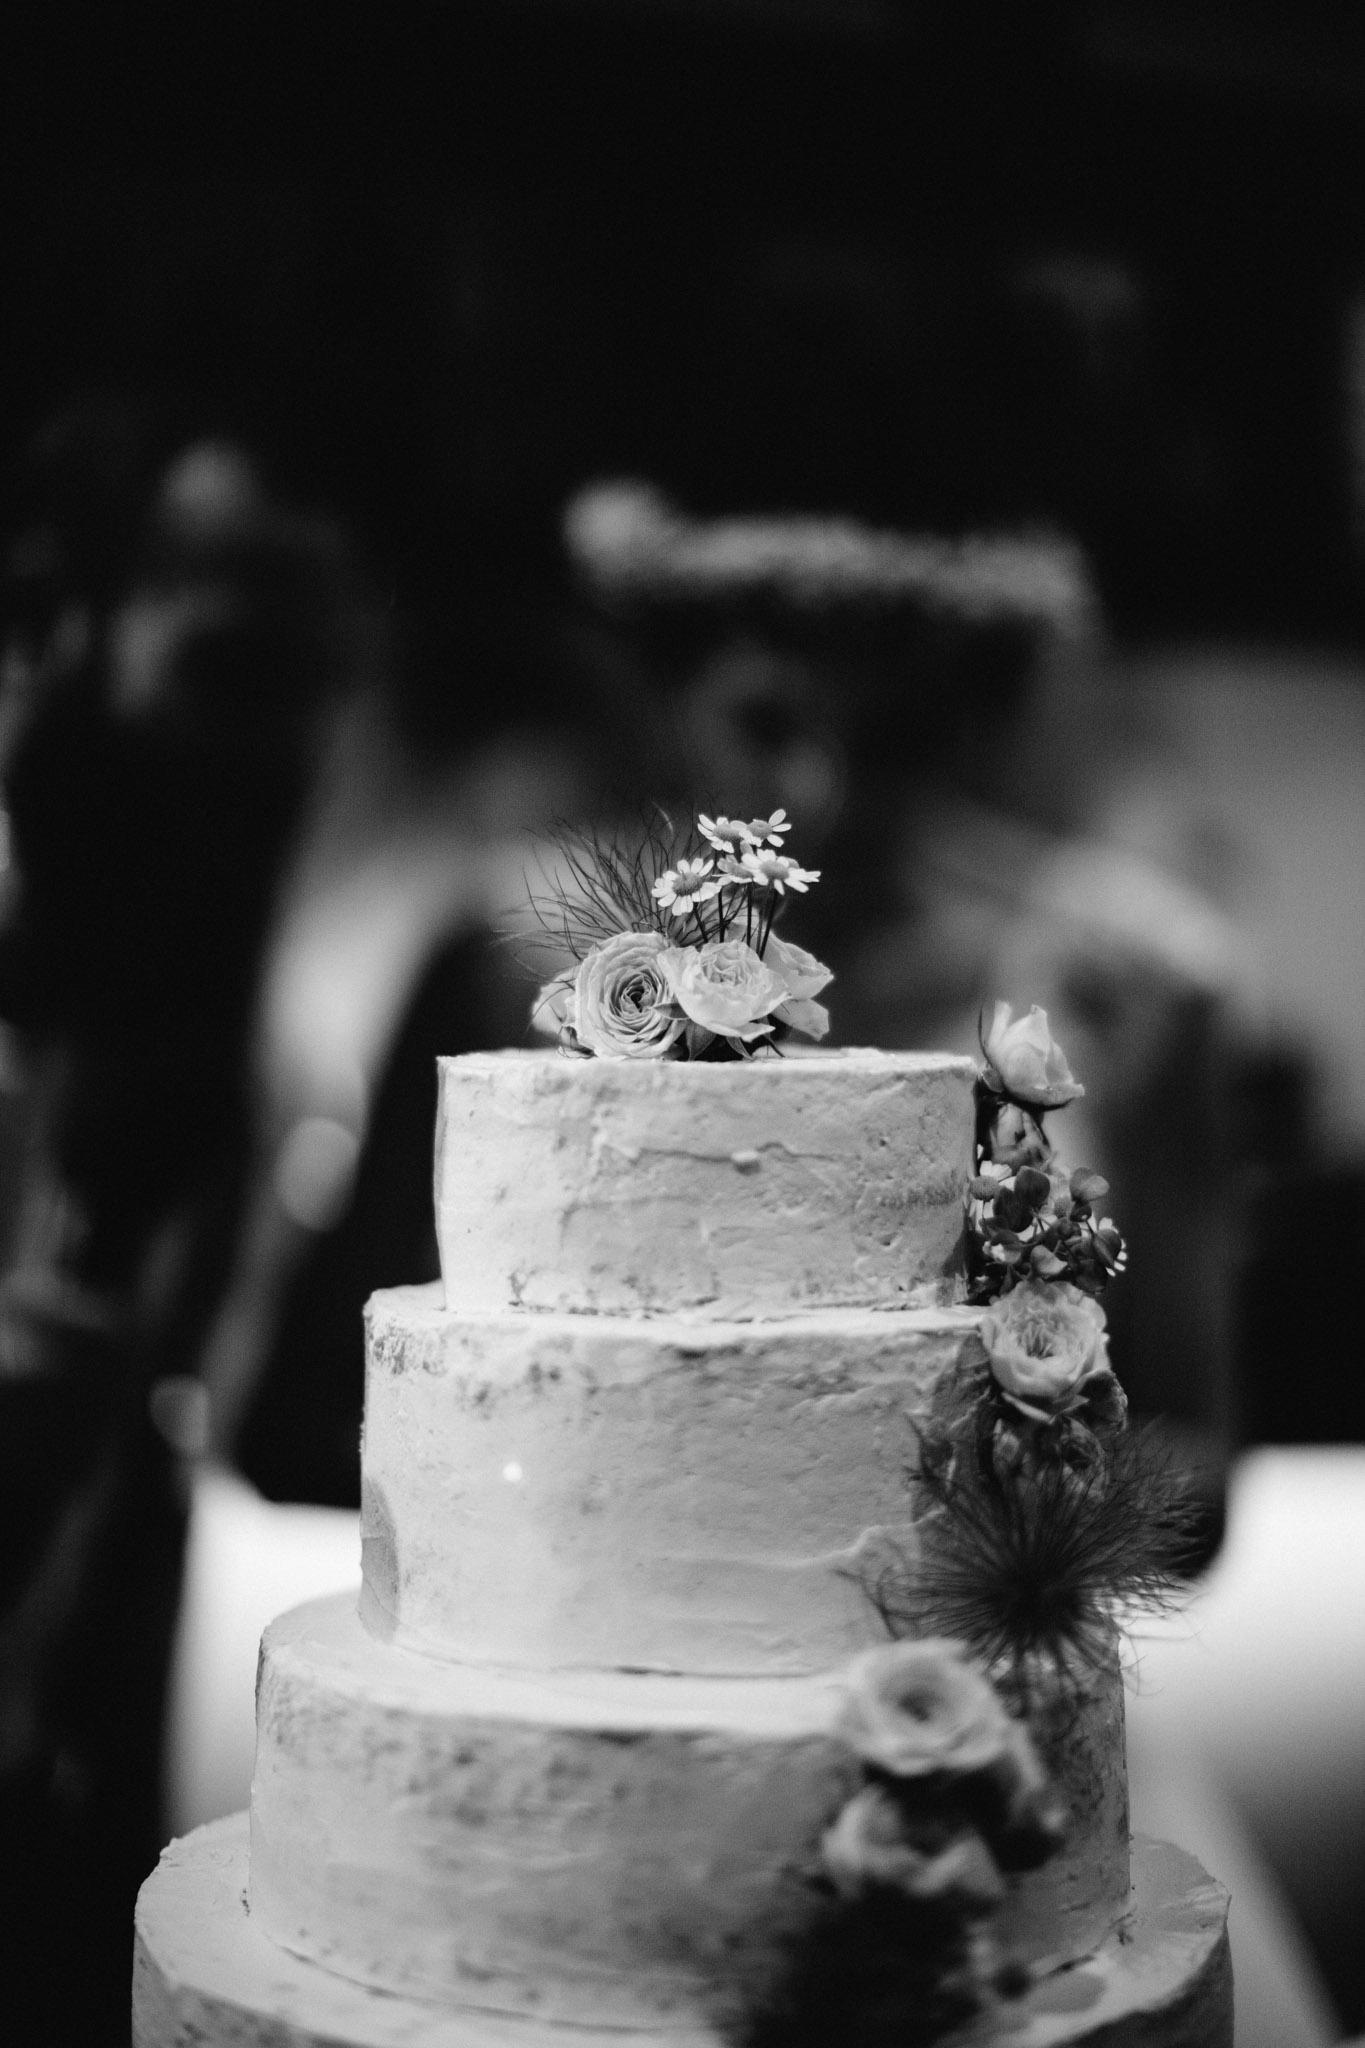 Nordhausen-Harz-Hochzeit-Pia-Anna-Christian-Wedding-Photography-LM-92.jpg